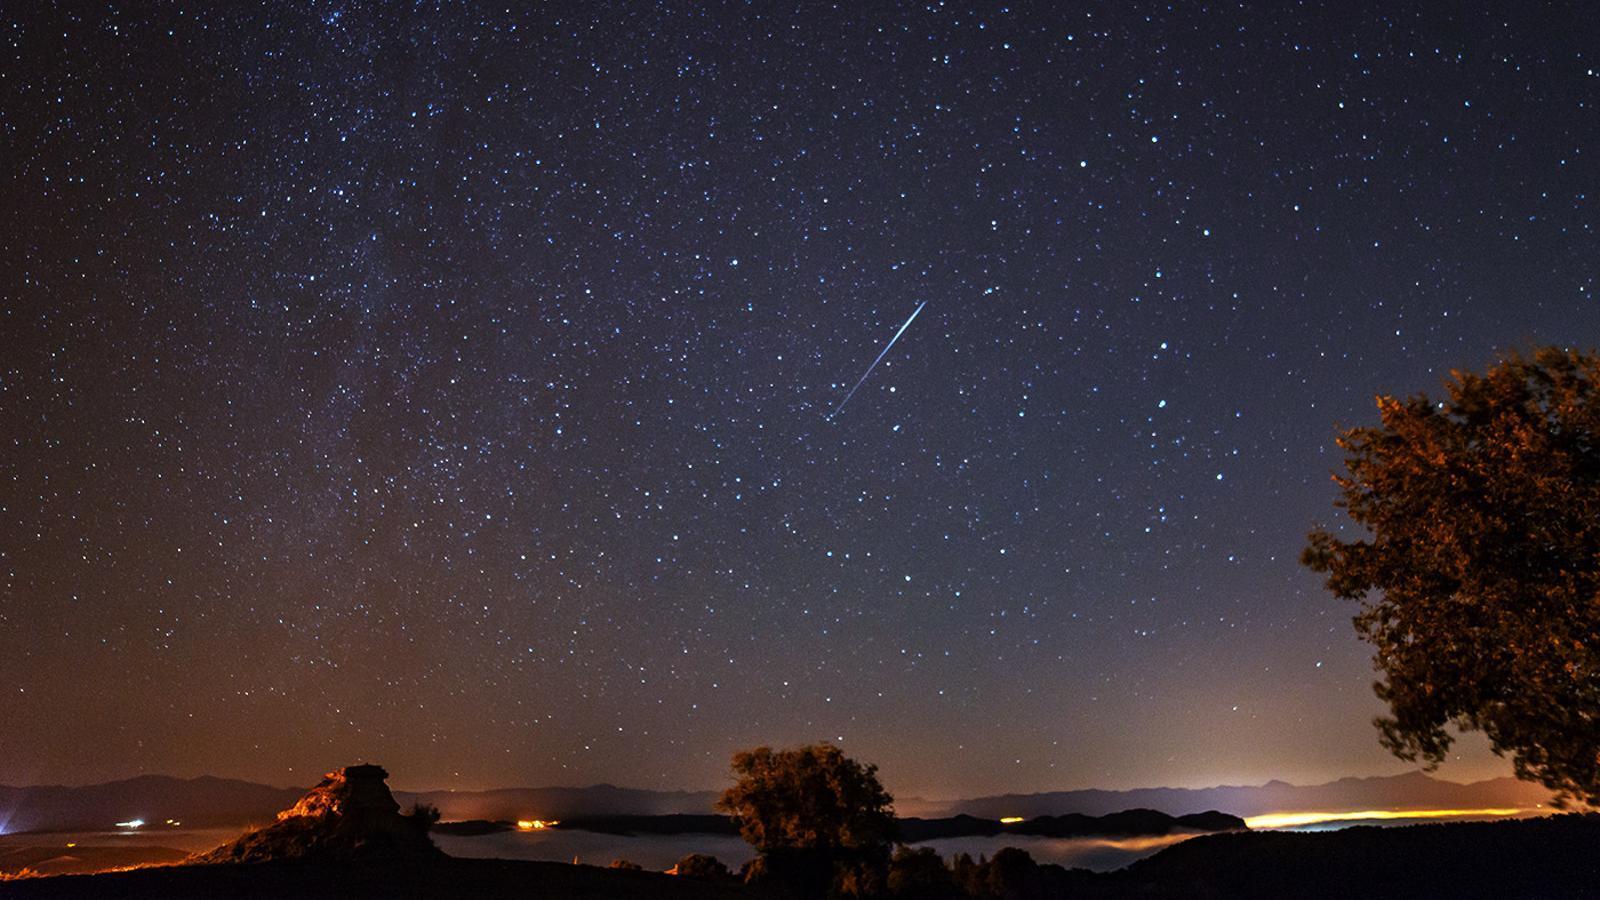 Darrera pluja d'estels d'Octubre / EMILI VILAMALA